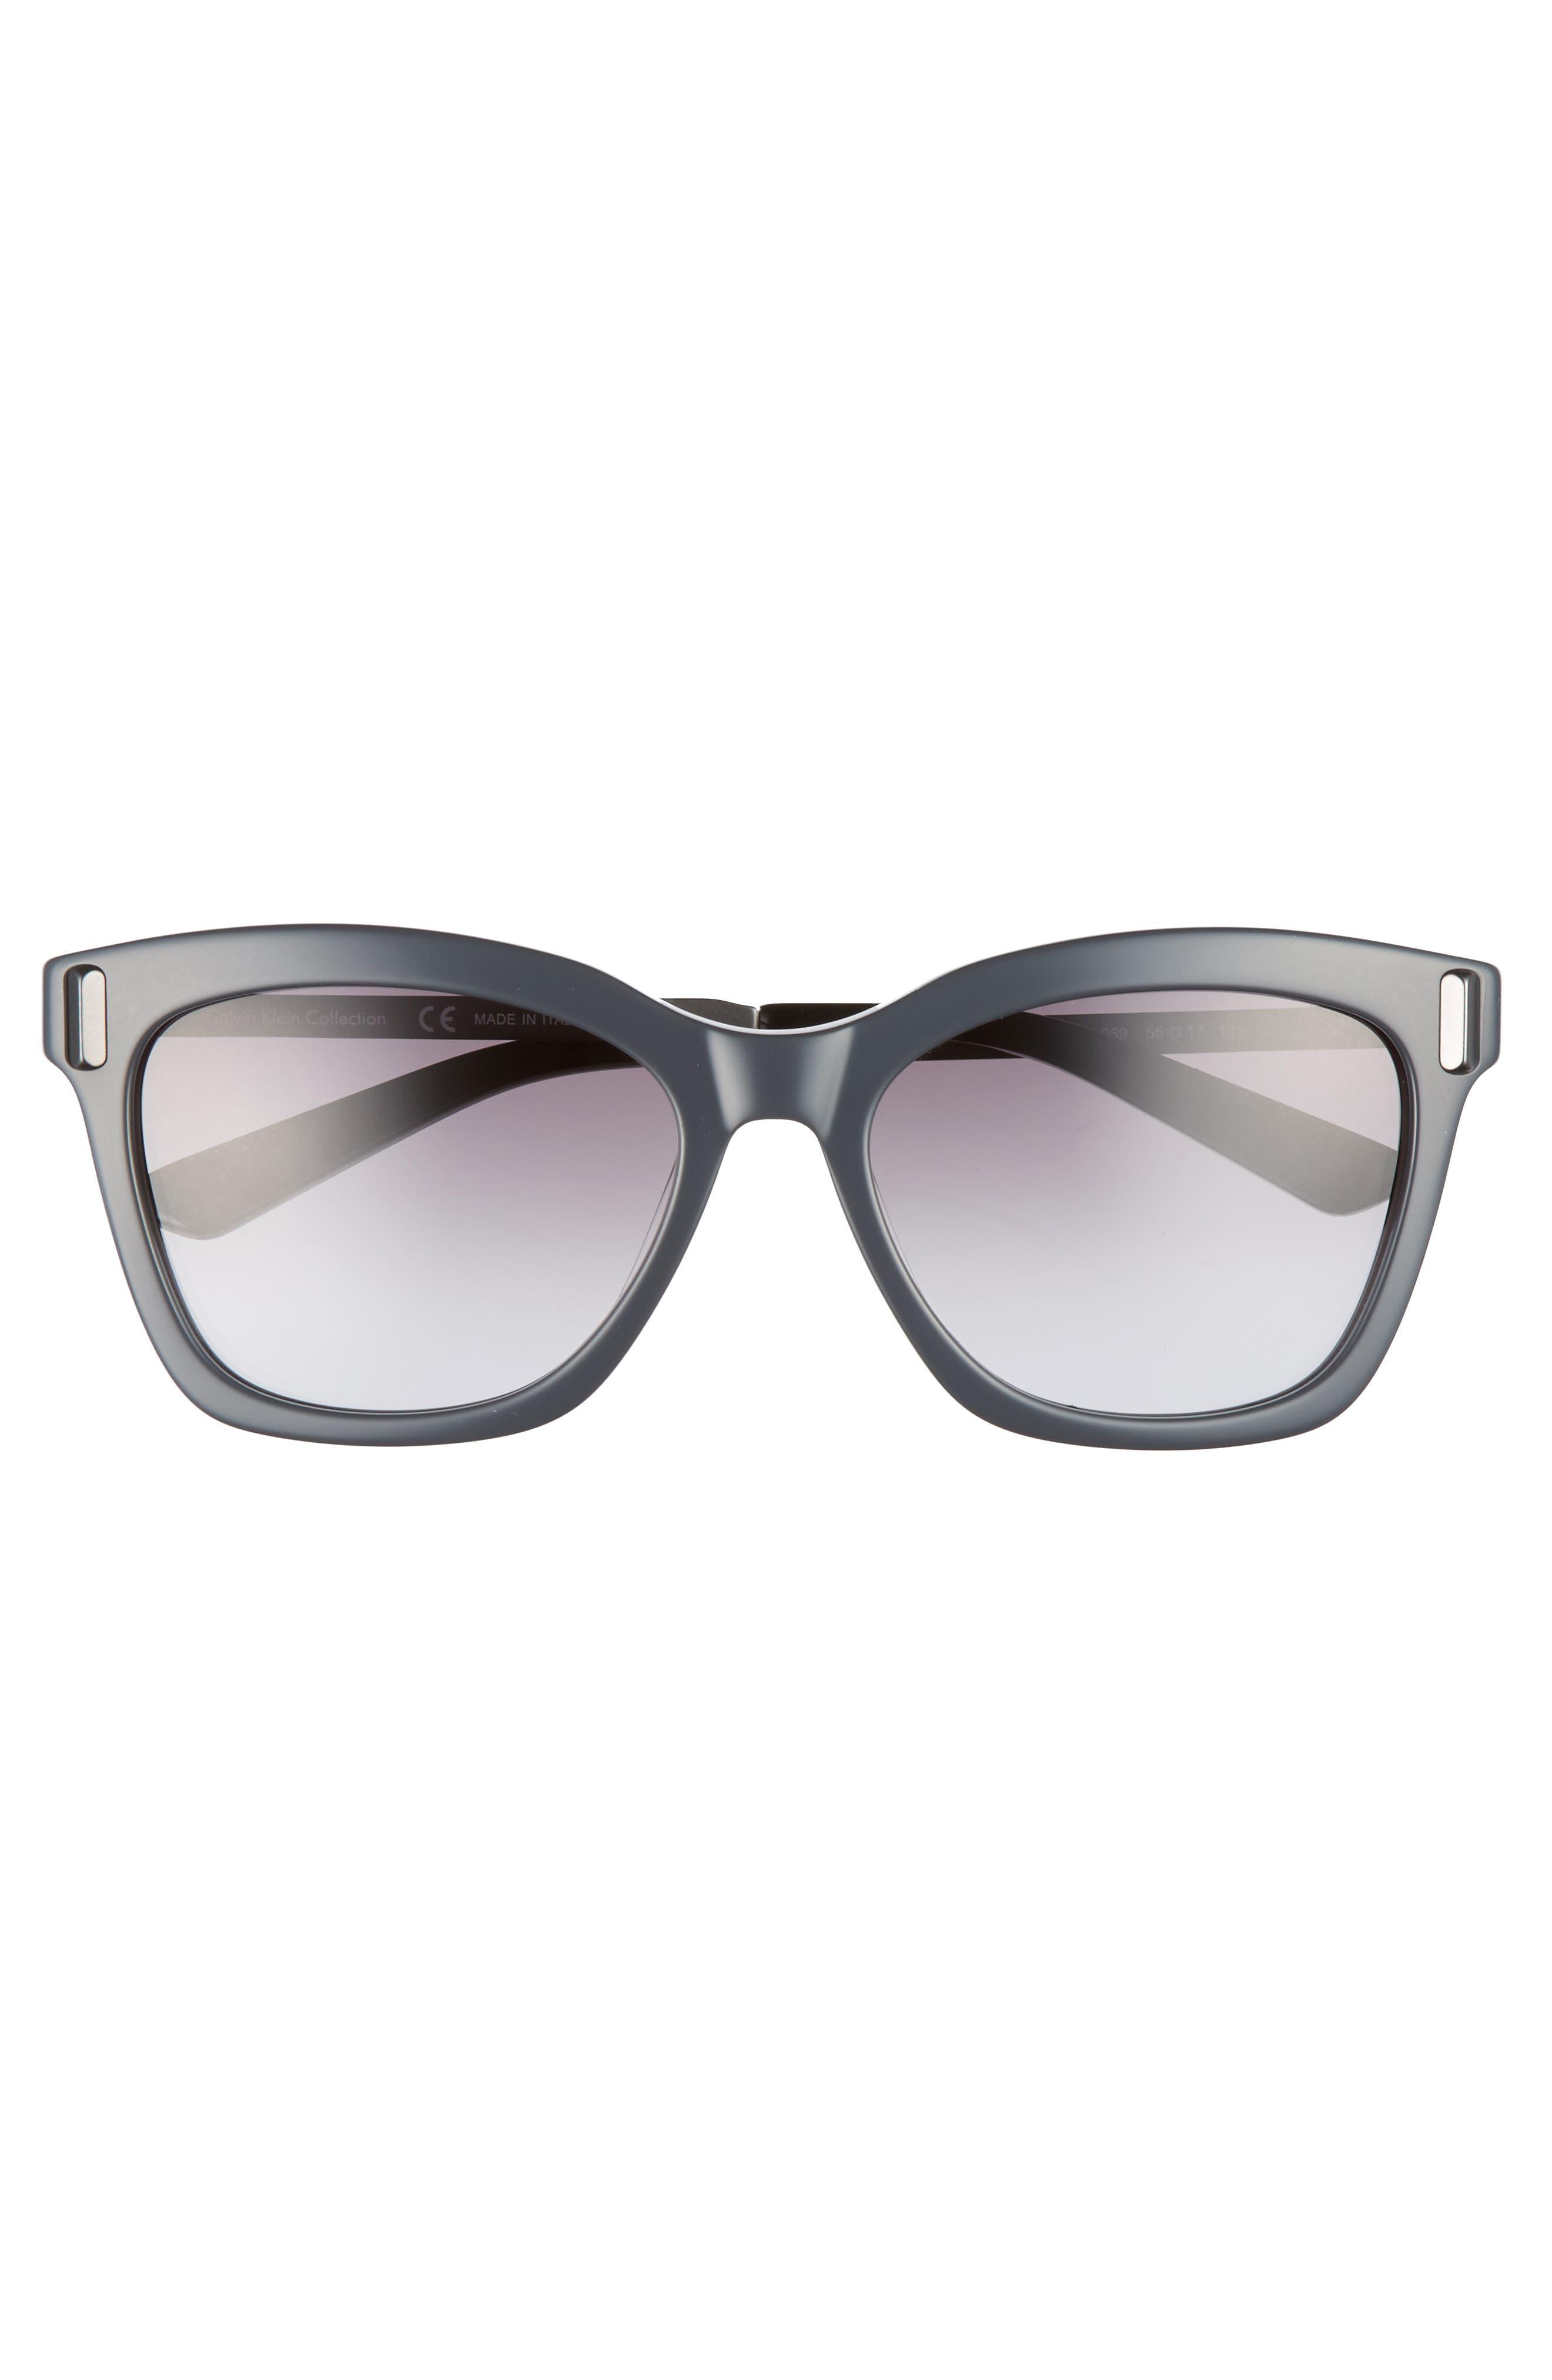 55mm Square Sunglasses,                             Alternate thumbnail 3, color,                             Jet/ Black